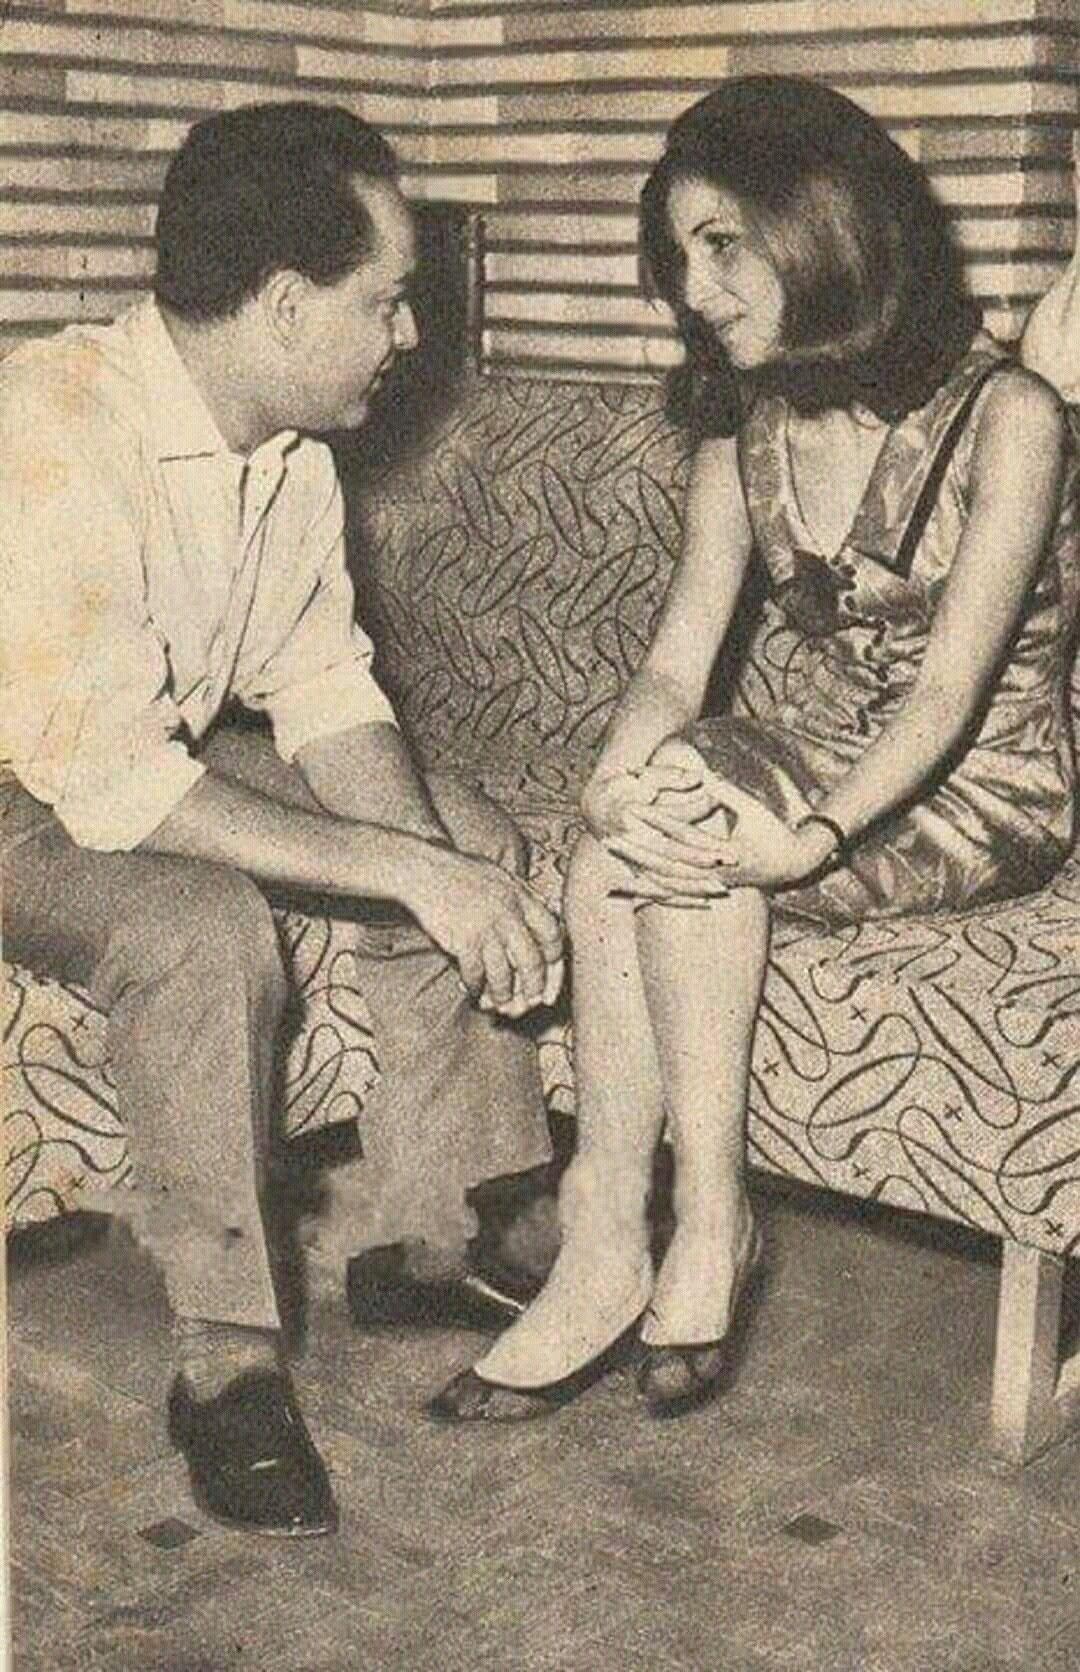 زيزي البدراوي وزوجها في ذلك الوقت المخرج عادل صادق History Sign Artist History